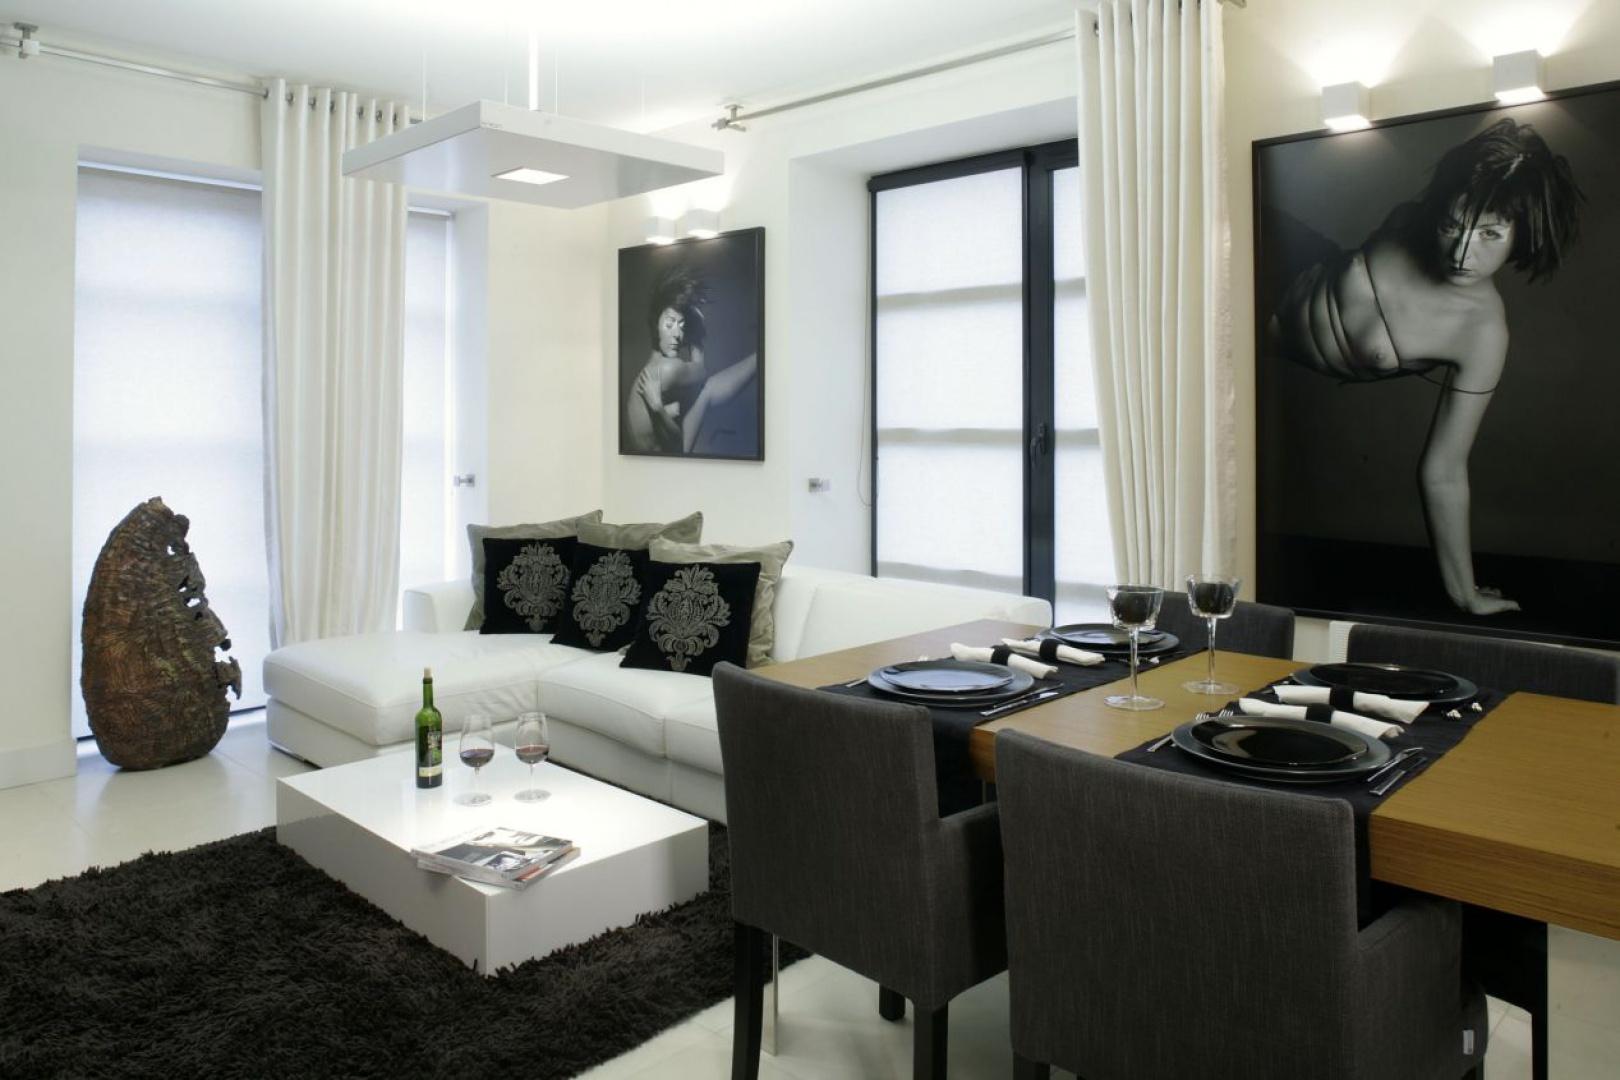 Biało-czarne akty Piotra Dłubaka dopełniają stylistyki aranżacji wnętrz apartamentu. Fot. Monika Filipiuk.